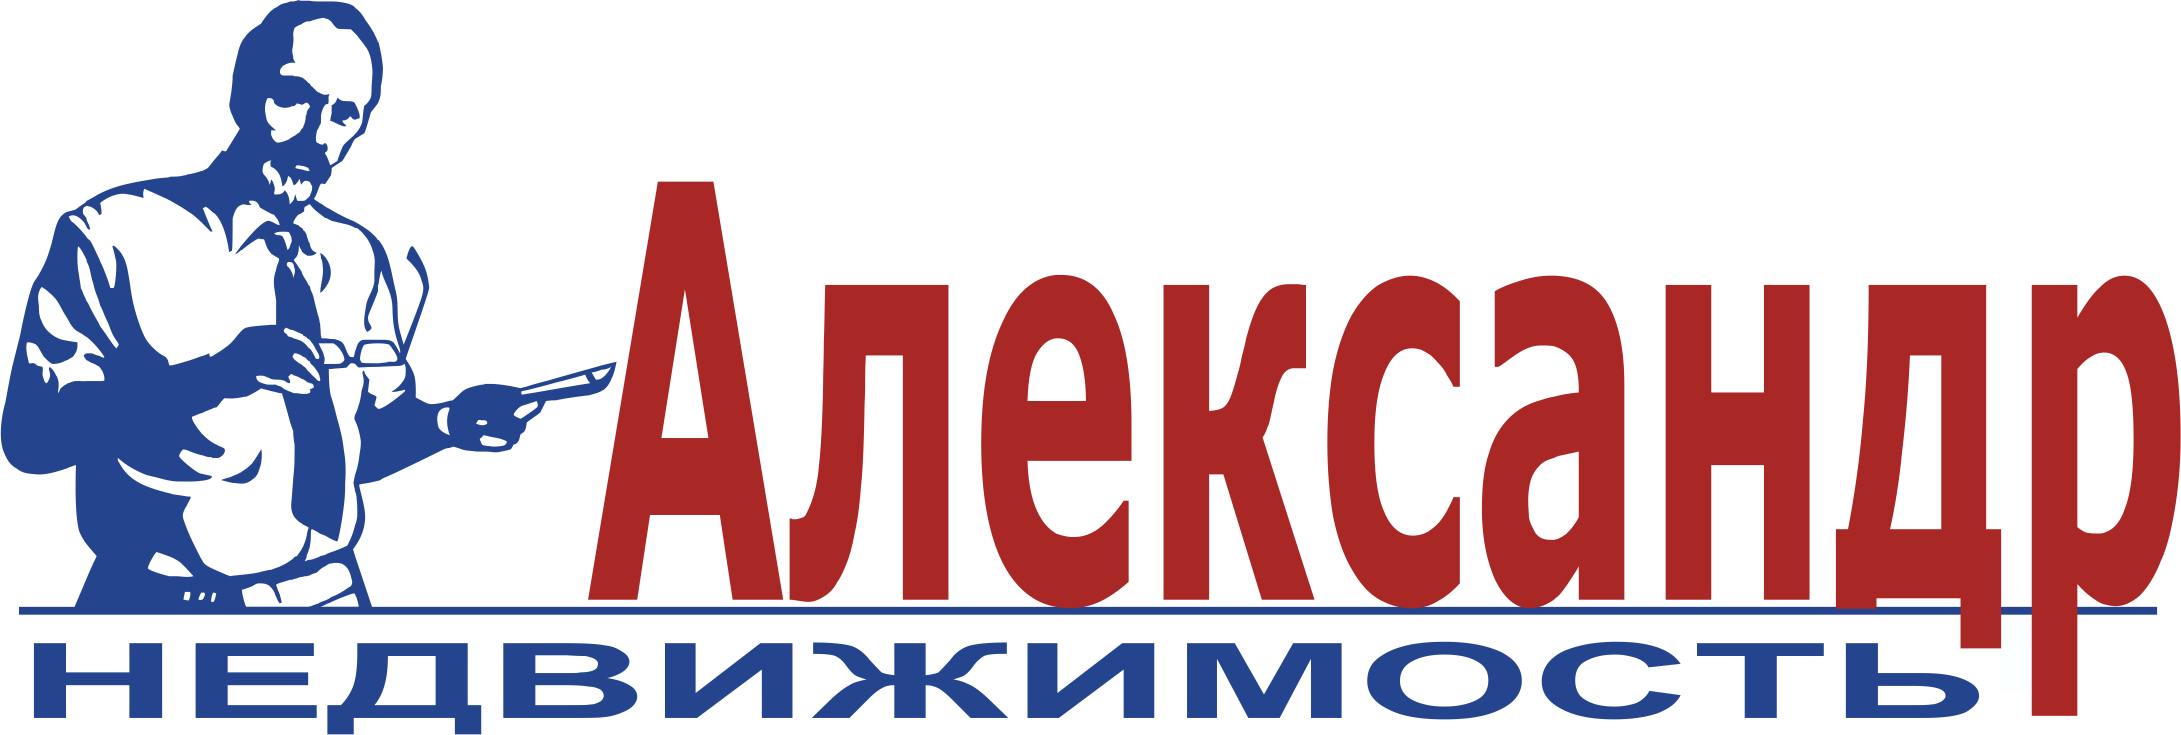 Работа в компании «АЛЕКСАНДР Недвижимость. ООО» в Санкт-Петербурга